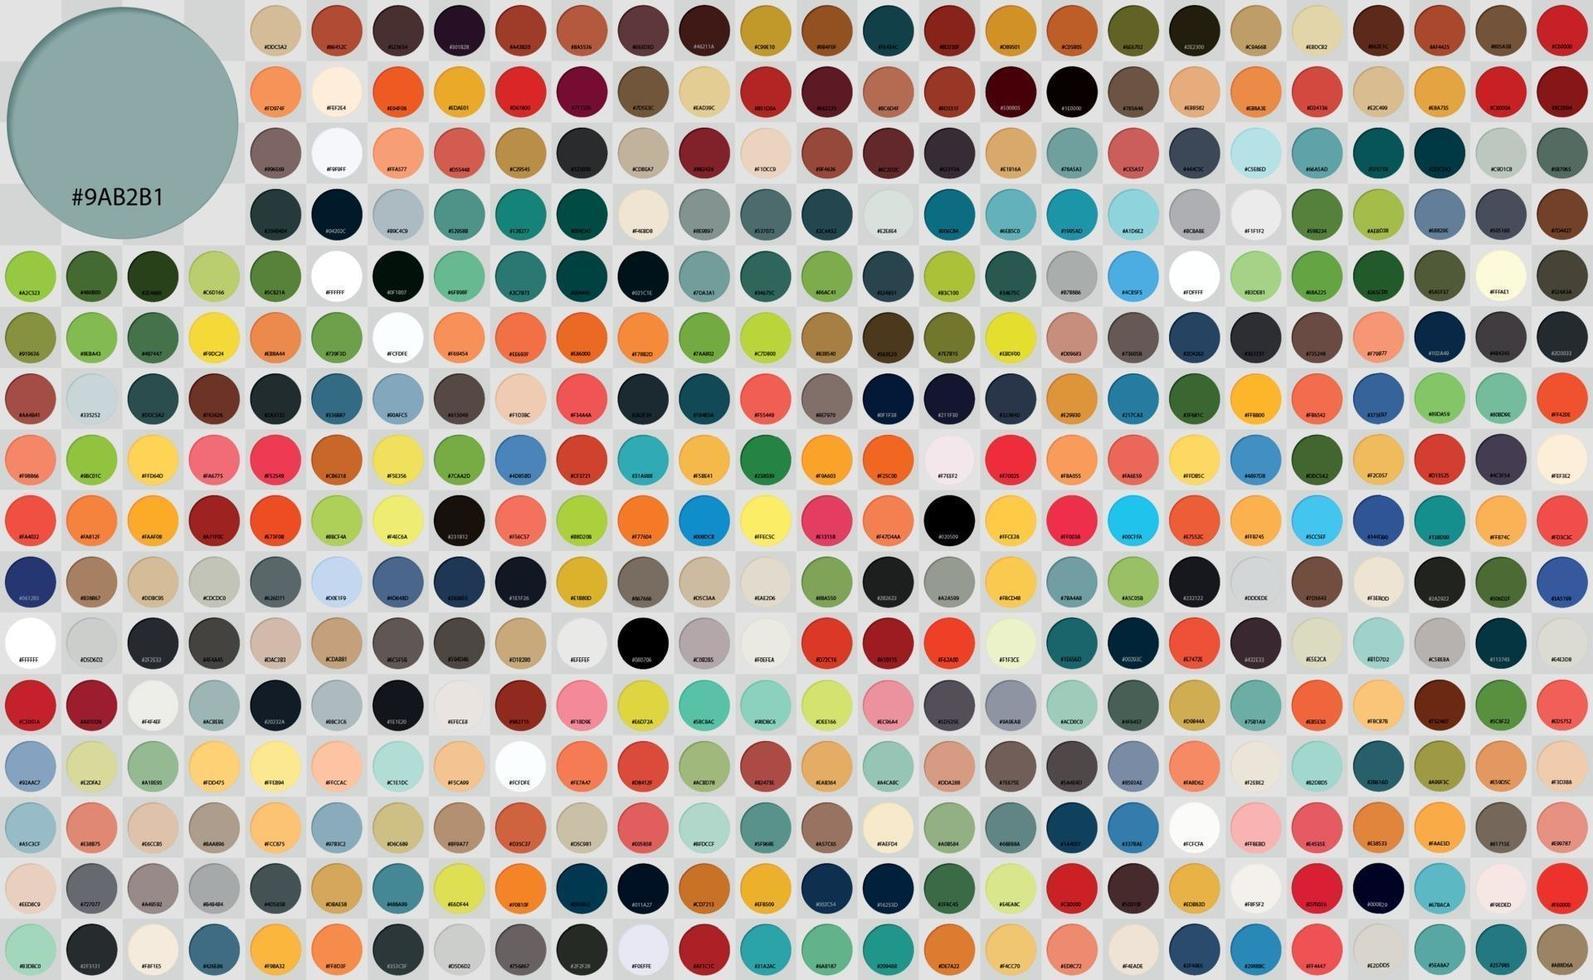 pak de nombreuses palettes rondes avec des descriptions numériques - vecteur